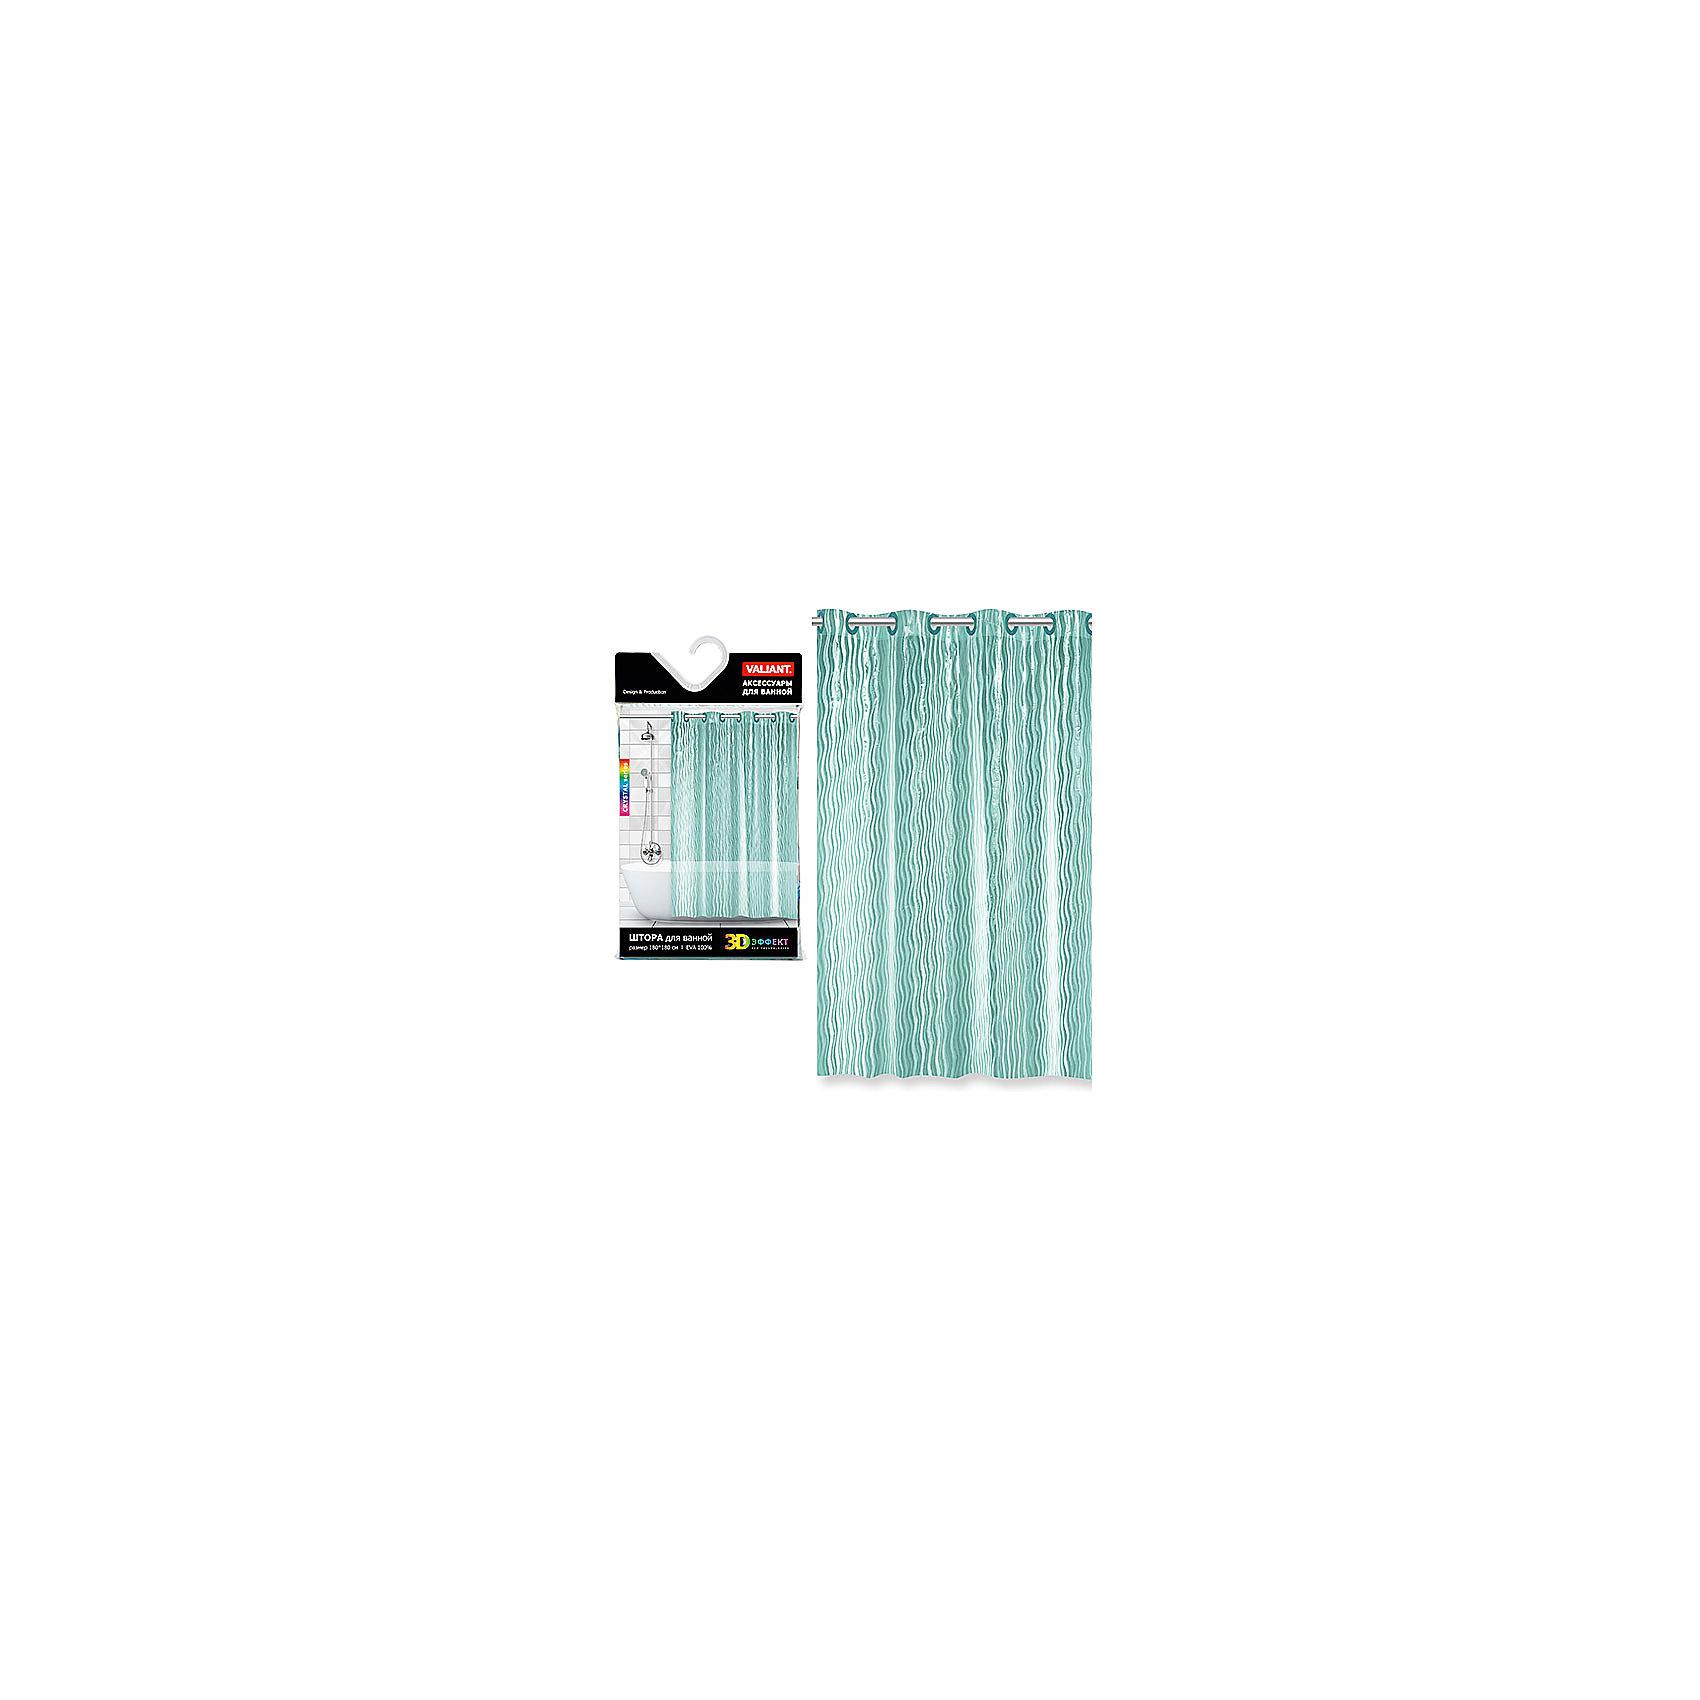 Штора для ванной, EVA, 180*180 см, WATER LINE, ValiantШтора для ванной, EVA, 180*180 см, WATER LINE, Valiant (Валиант) - эта уникальная полупрозрачная штора украсит интерьер ванной комнаты.<br>Роскошная штора с изящными струящимися переливами тонких линий WATER LINE от Valiant (Валиант) с завораживающим кристаллическим эффектом (3D-эффектом) способна преобразить ванную комнату. Штора легко крепится на специальных раздвижных люверсах. Высококачественный полимерный материал обладает повышенными водоотталкивающими свойствами, устойчив к воздействию, света и влаги, приятен на ощупь.<br><br>Дополнительная информация:<br><br>- Размер: 180х180 см.<br>- Материал: EVA<br>- 10 больших люверсов<br>- Водоотталкивающие свойства: 100%<br>- Рекомендации по уходу: для удаления мыльного налёта просто протрите штору мягкой влажной губкой. Для чистки сильных загрязнений применяйте мягкие моющие средства. Не рекомендуется использовать растворяющие моющие средства<br><br>Штору для ванной, EVA, 180*180 см, WATER LINE, Valiant (Валиант) можно купить в нашем интернет-магазине.<br><br>Ширина мм: 200<br>Глубина мм: 30<br>Высота мм: 350<br>Вес г: 579<br>Возраст от месяцев: 36<br>Возраст до месяцев: 216<br>Пол: Унисекс<br>Возраст: Детский<br>SKU: 4993396